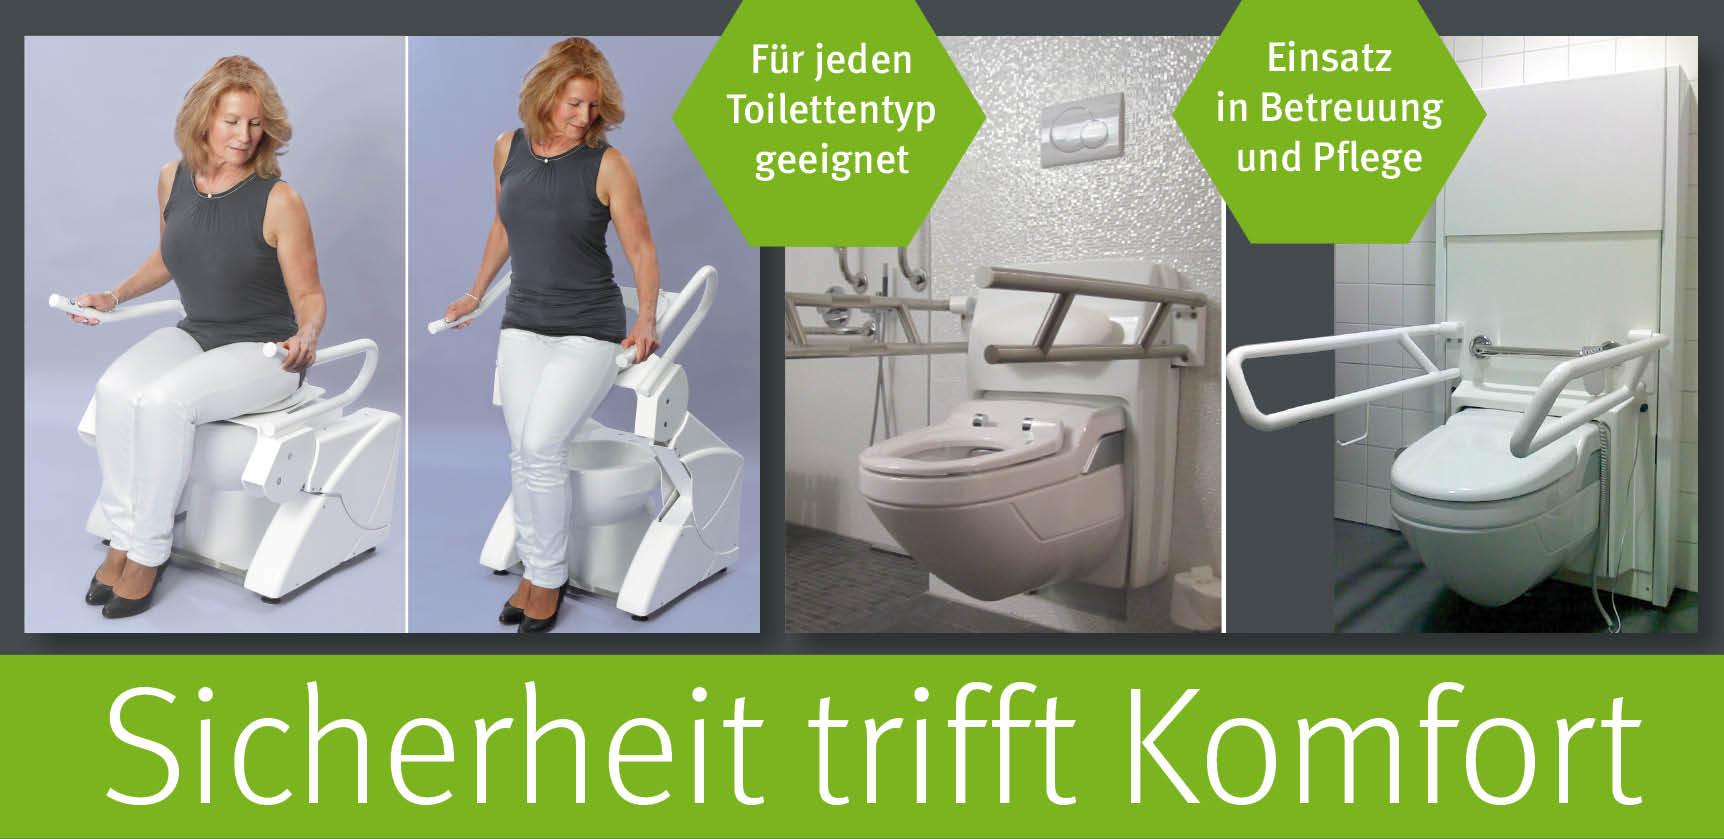 Attris Aufstehhilfen und Lift Toiletten